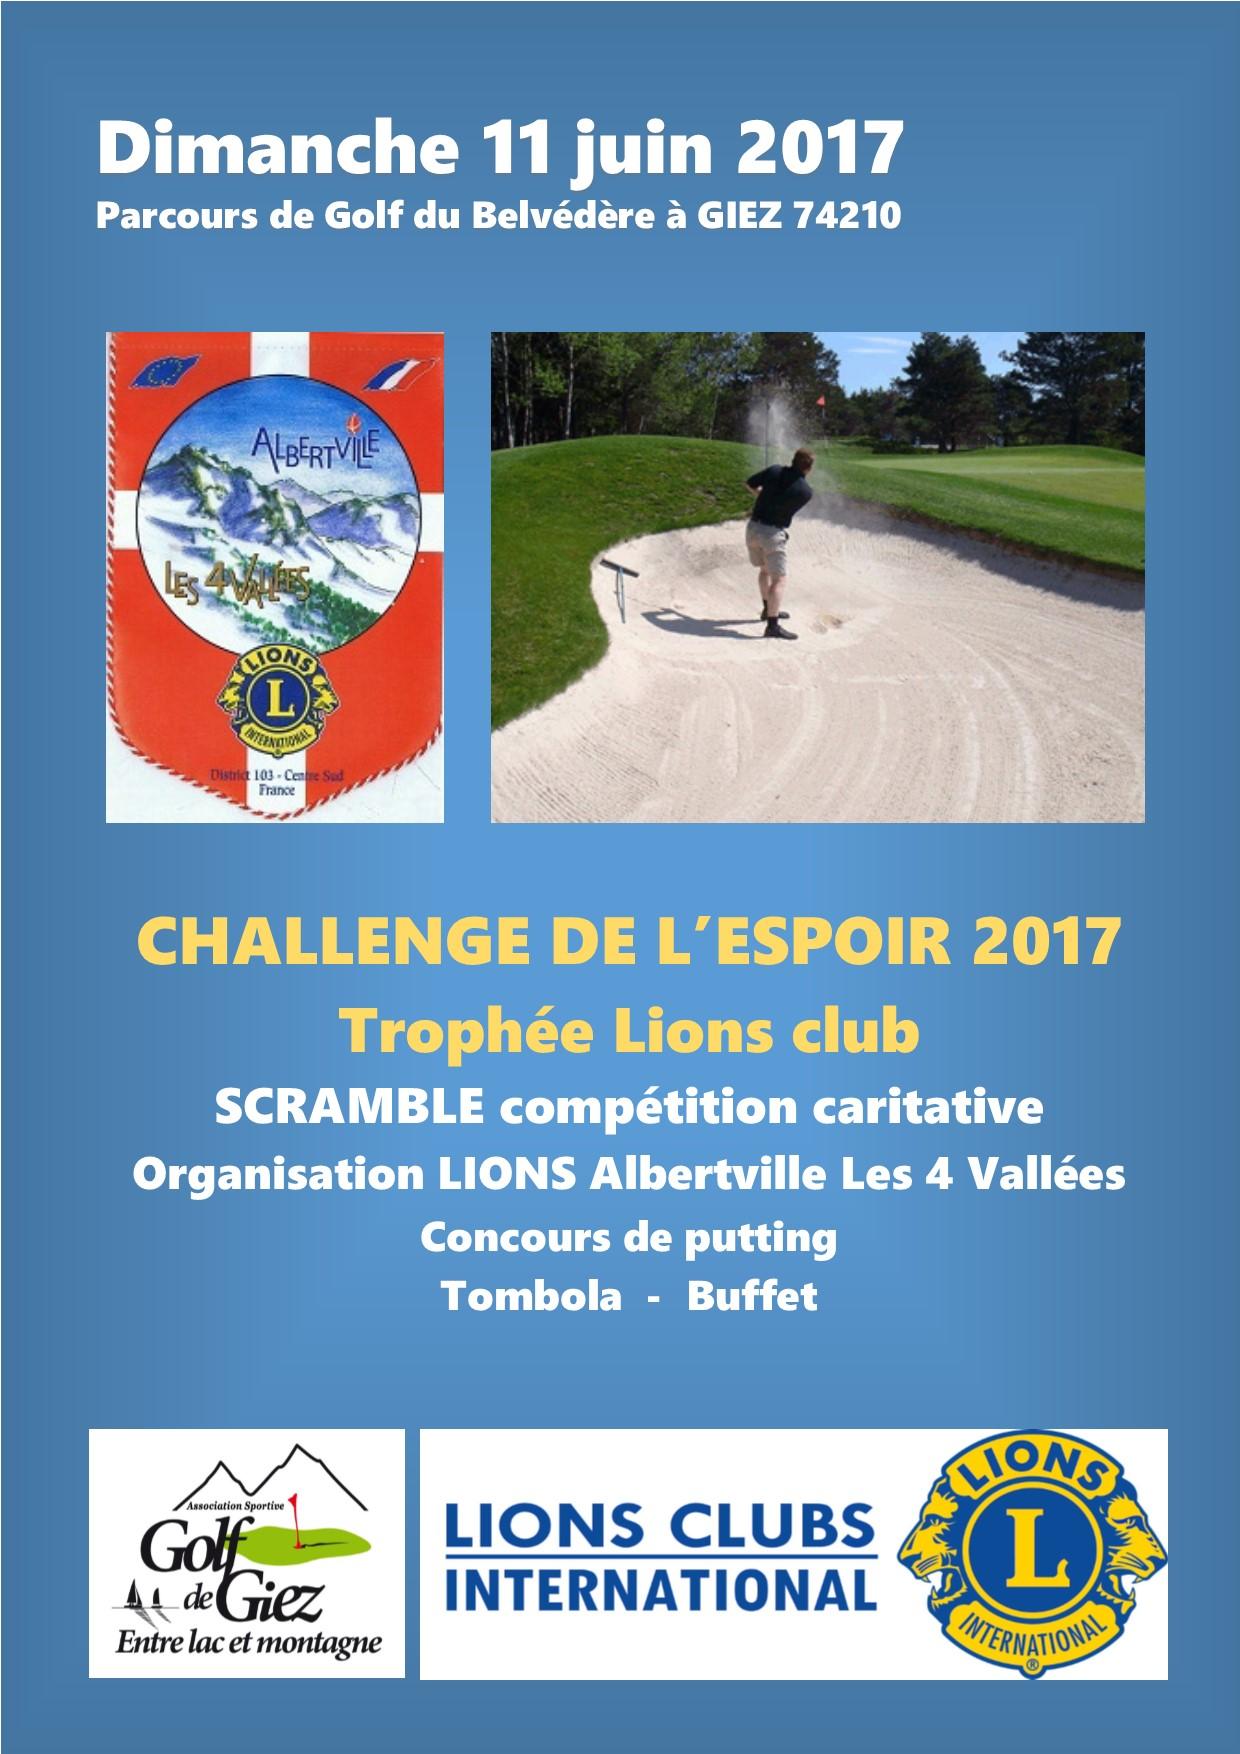 Lions club 2017